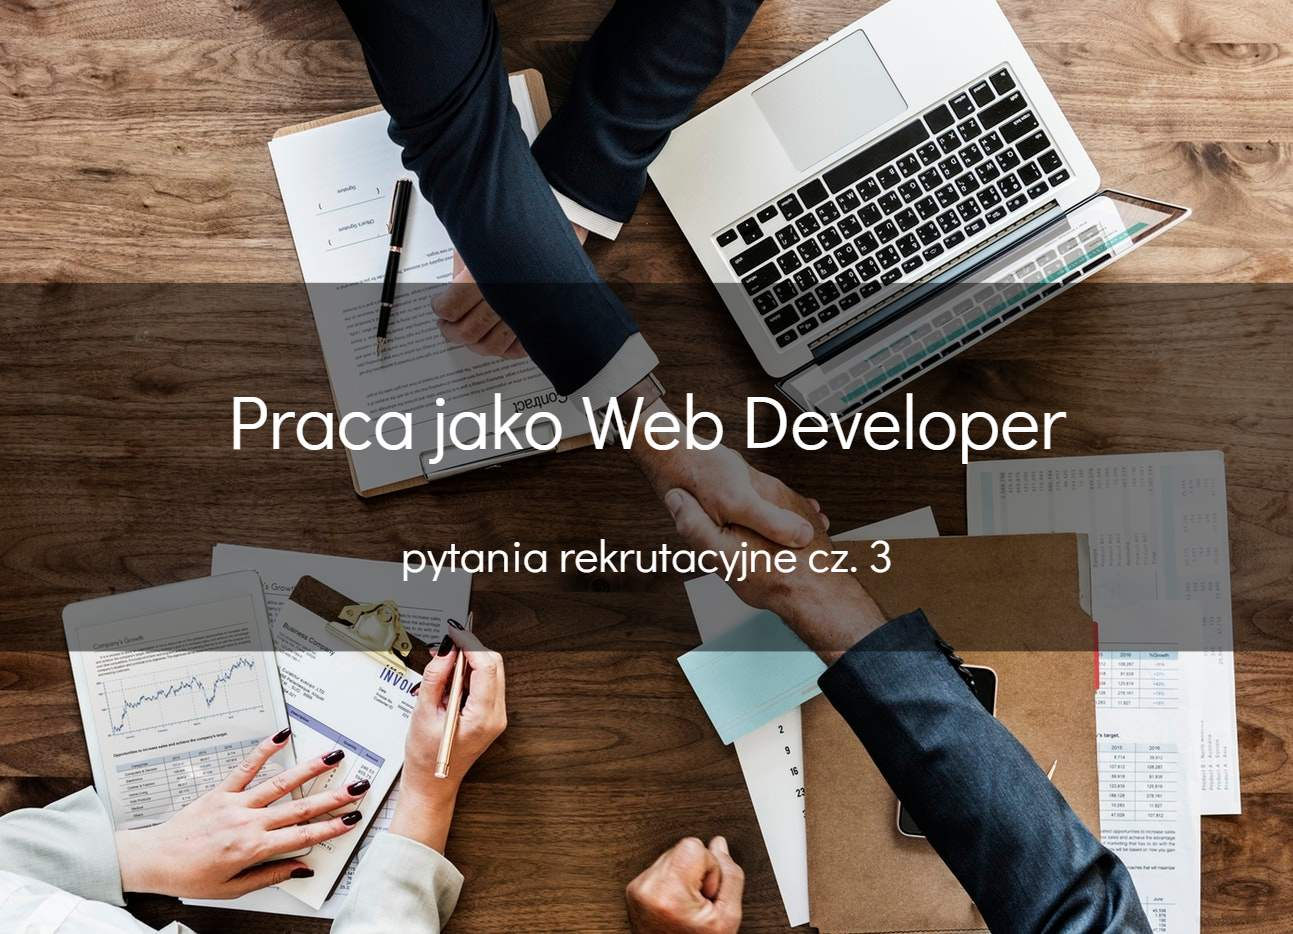 Web developer – pytania rekrutacyjne cz. 3